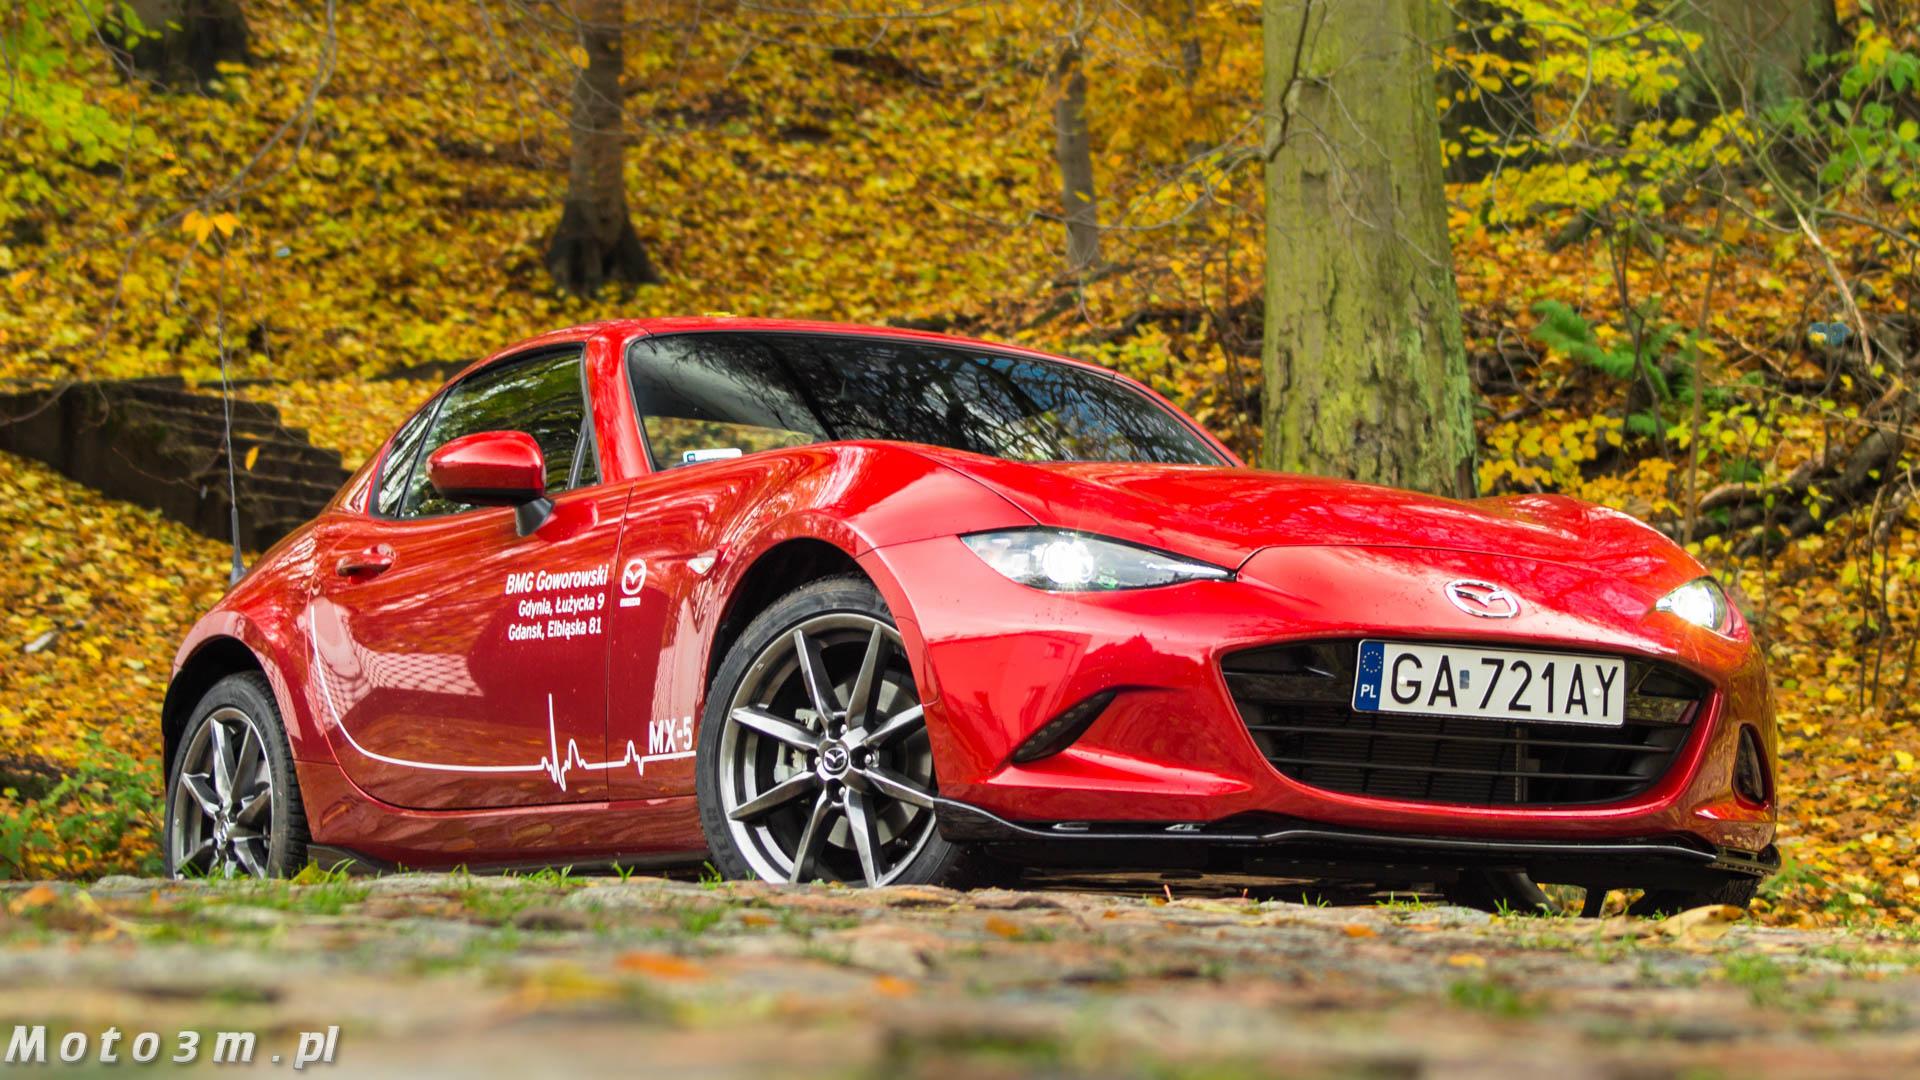 Mazda Mx 5 Rf Cena >> Mazda MX-5 RF – frajda przez cały rok! | Moto3m.pl